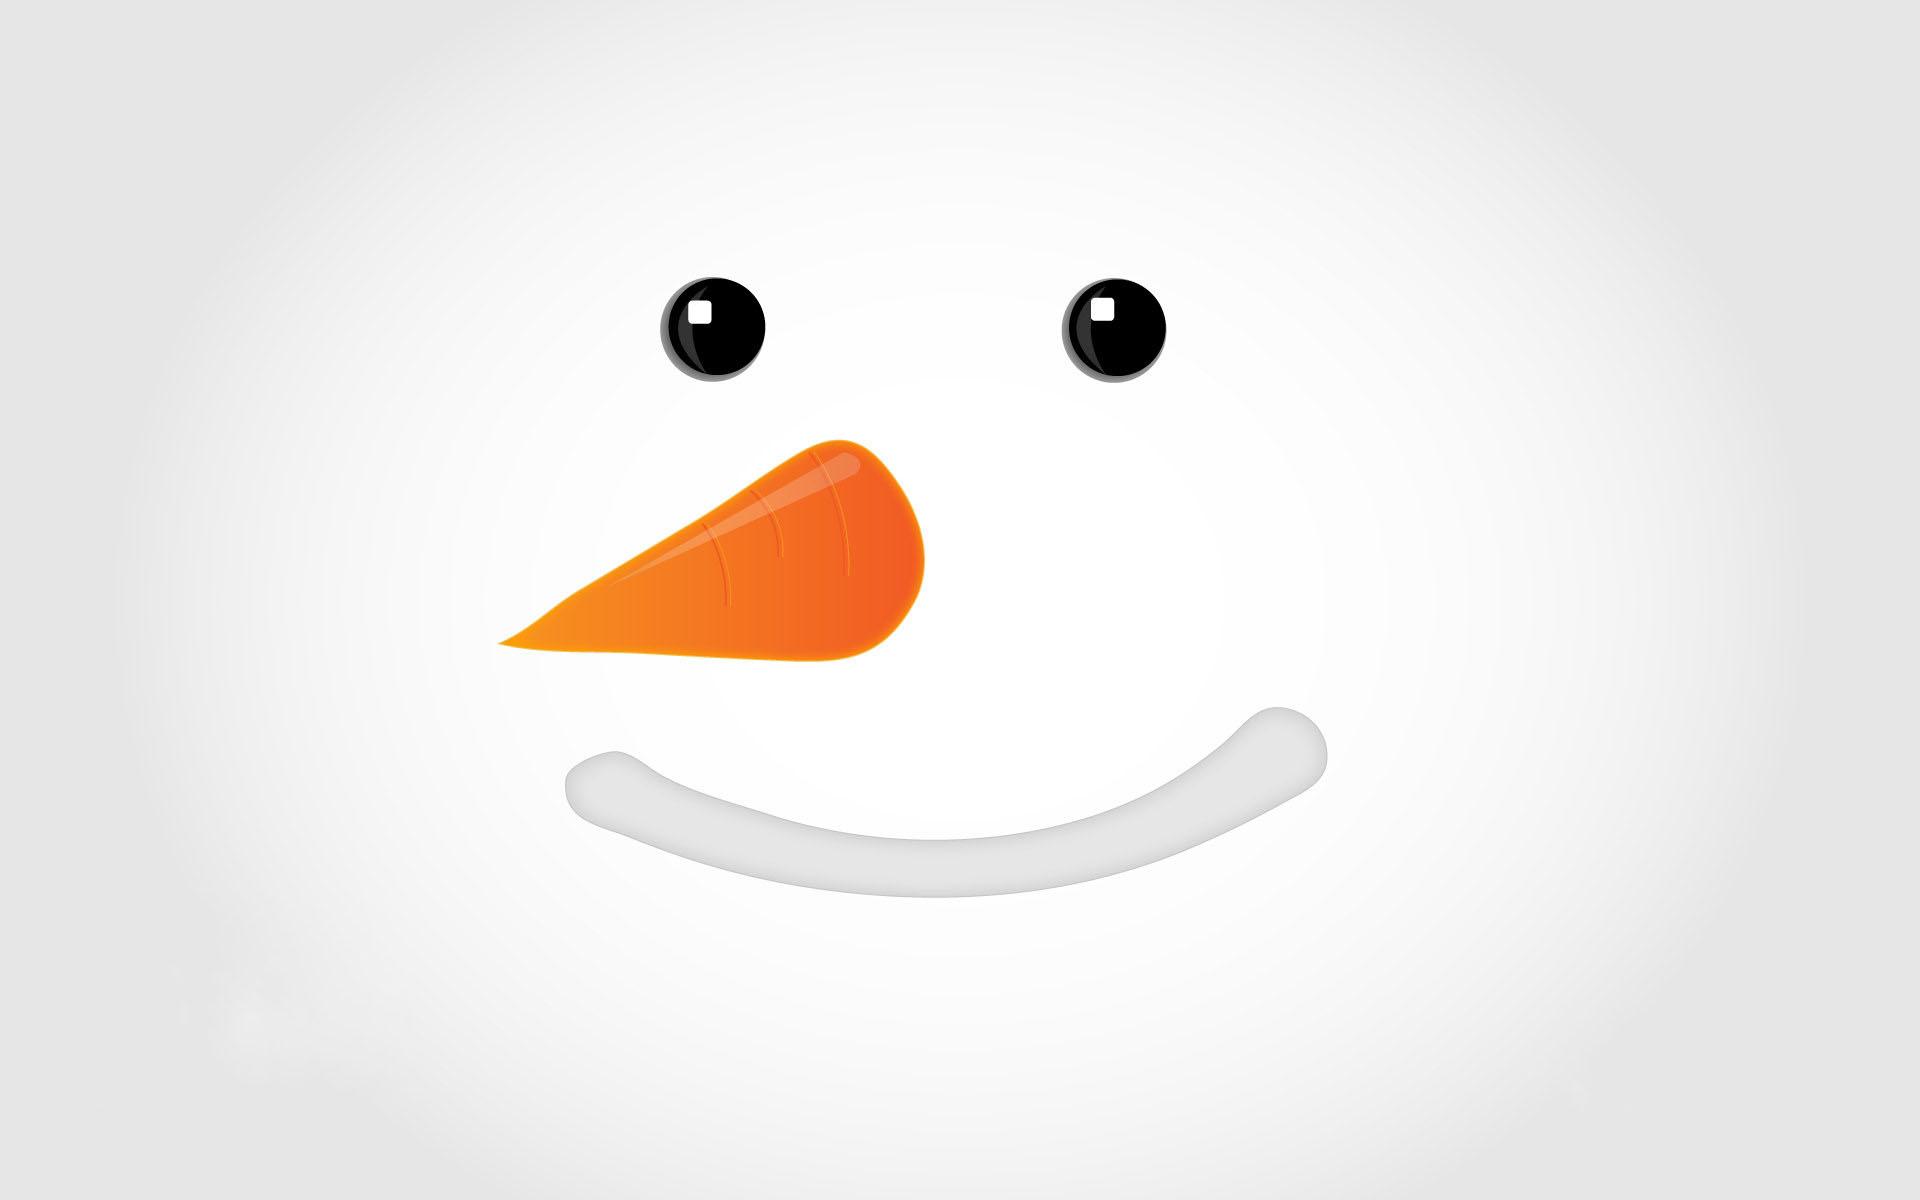 Snowman Smiley Face Wallpaper 1920x1200